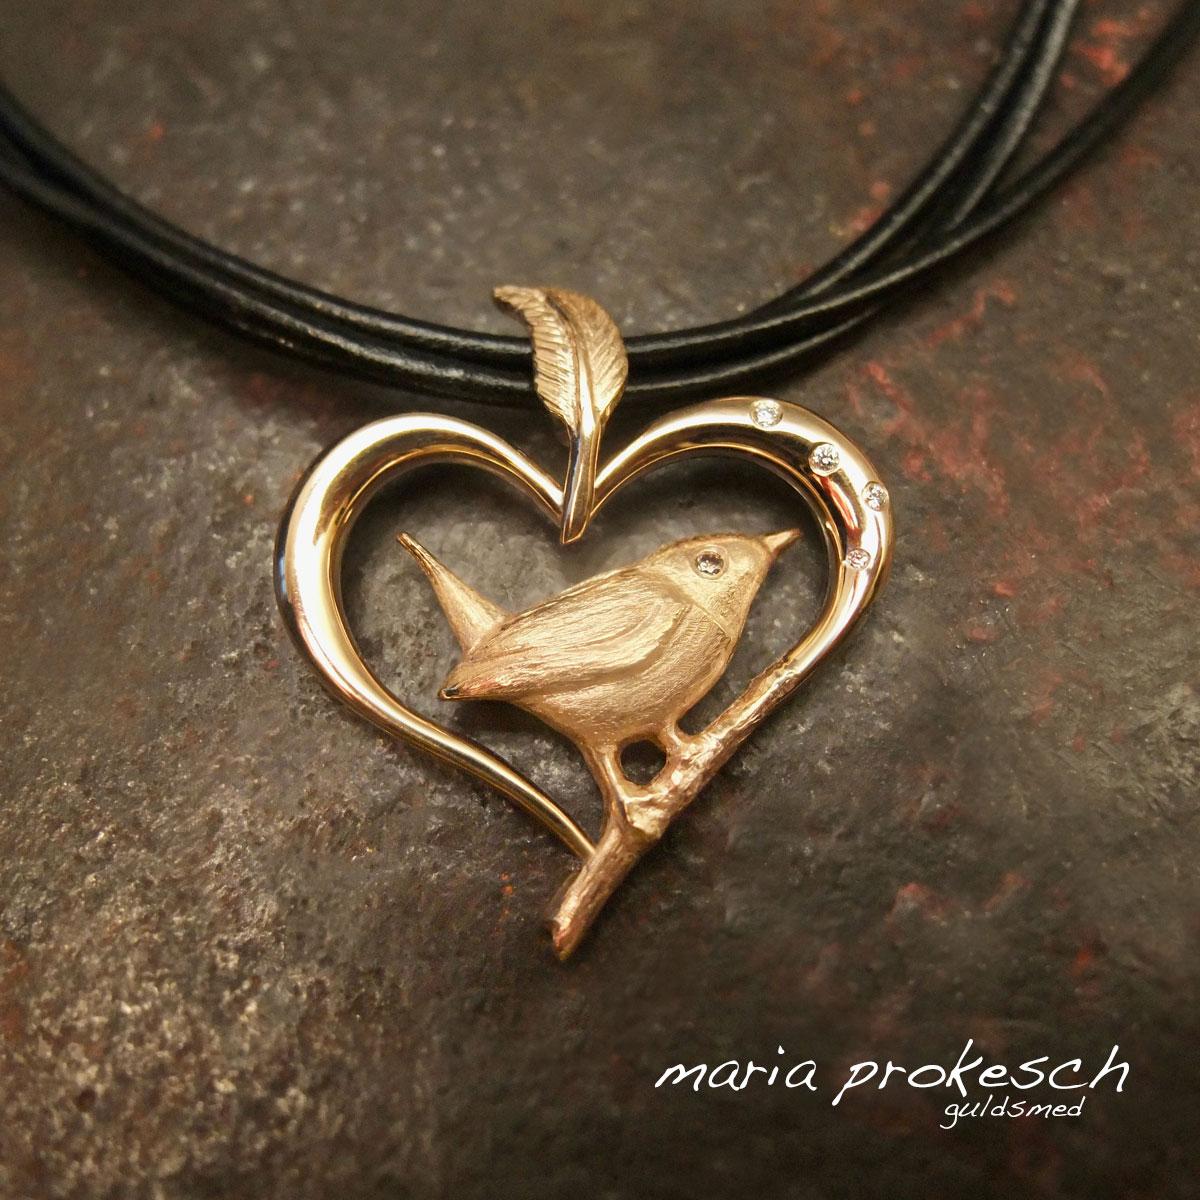 Specielt unika vedhæng med gærdesmutte. Fuglen sidder på en gren der bliver til et hjerte. Fjer som ophæng til kæde eller lædersnørre